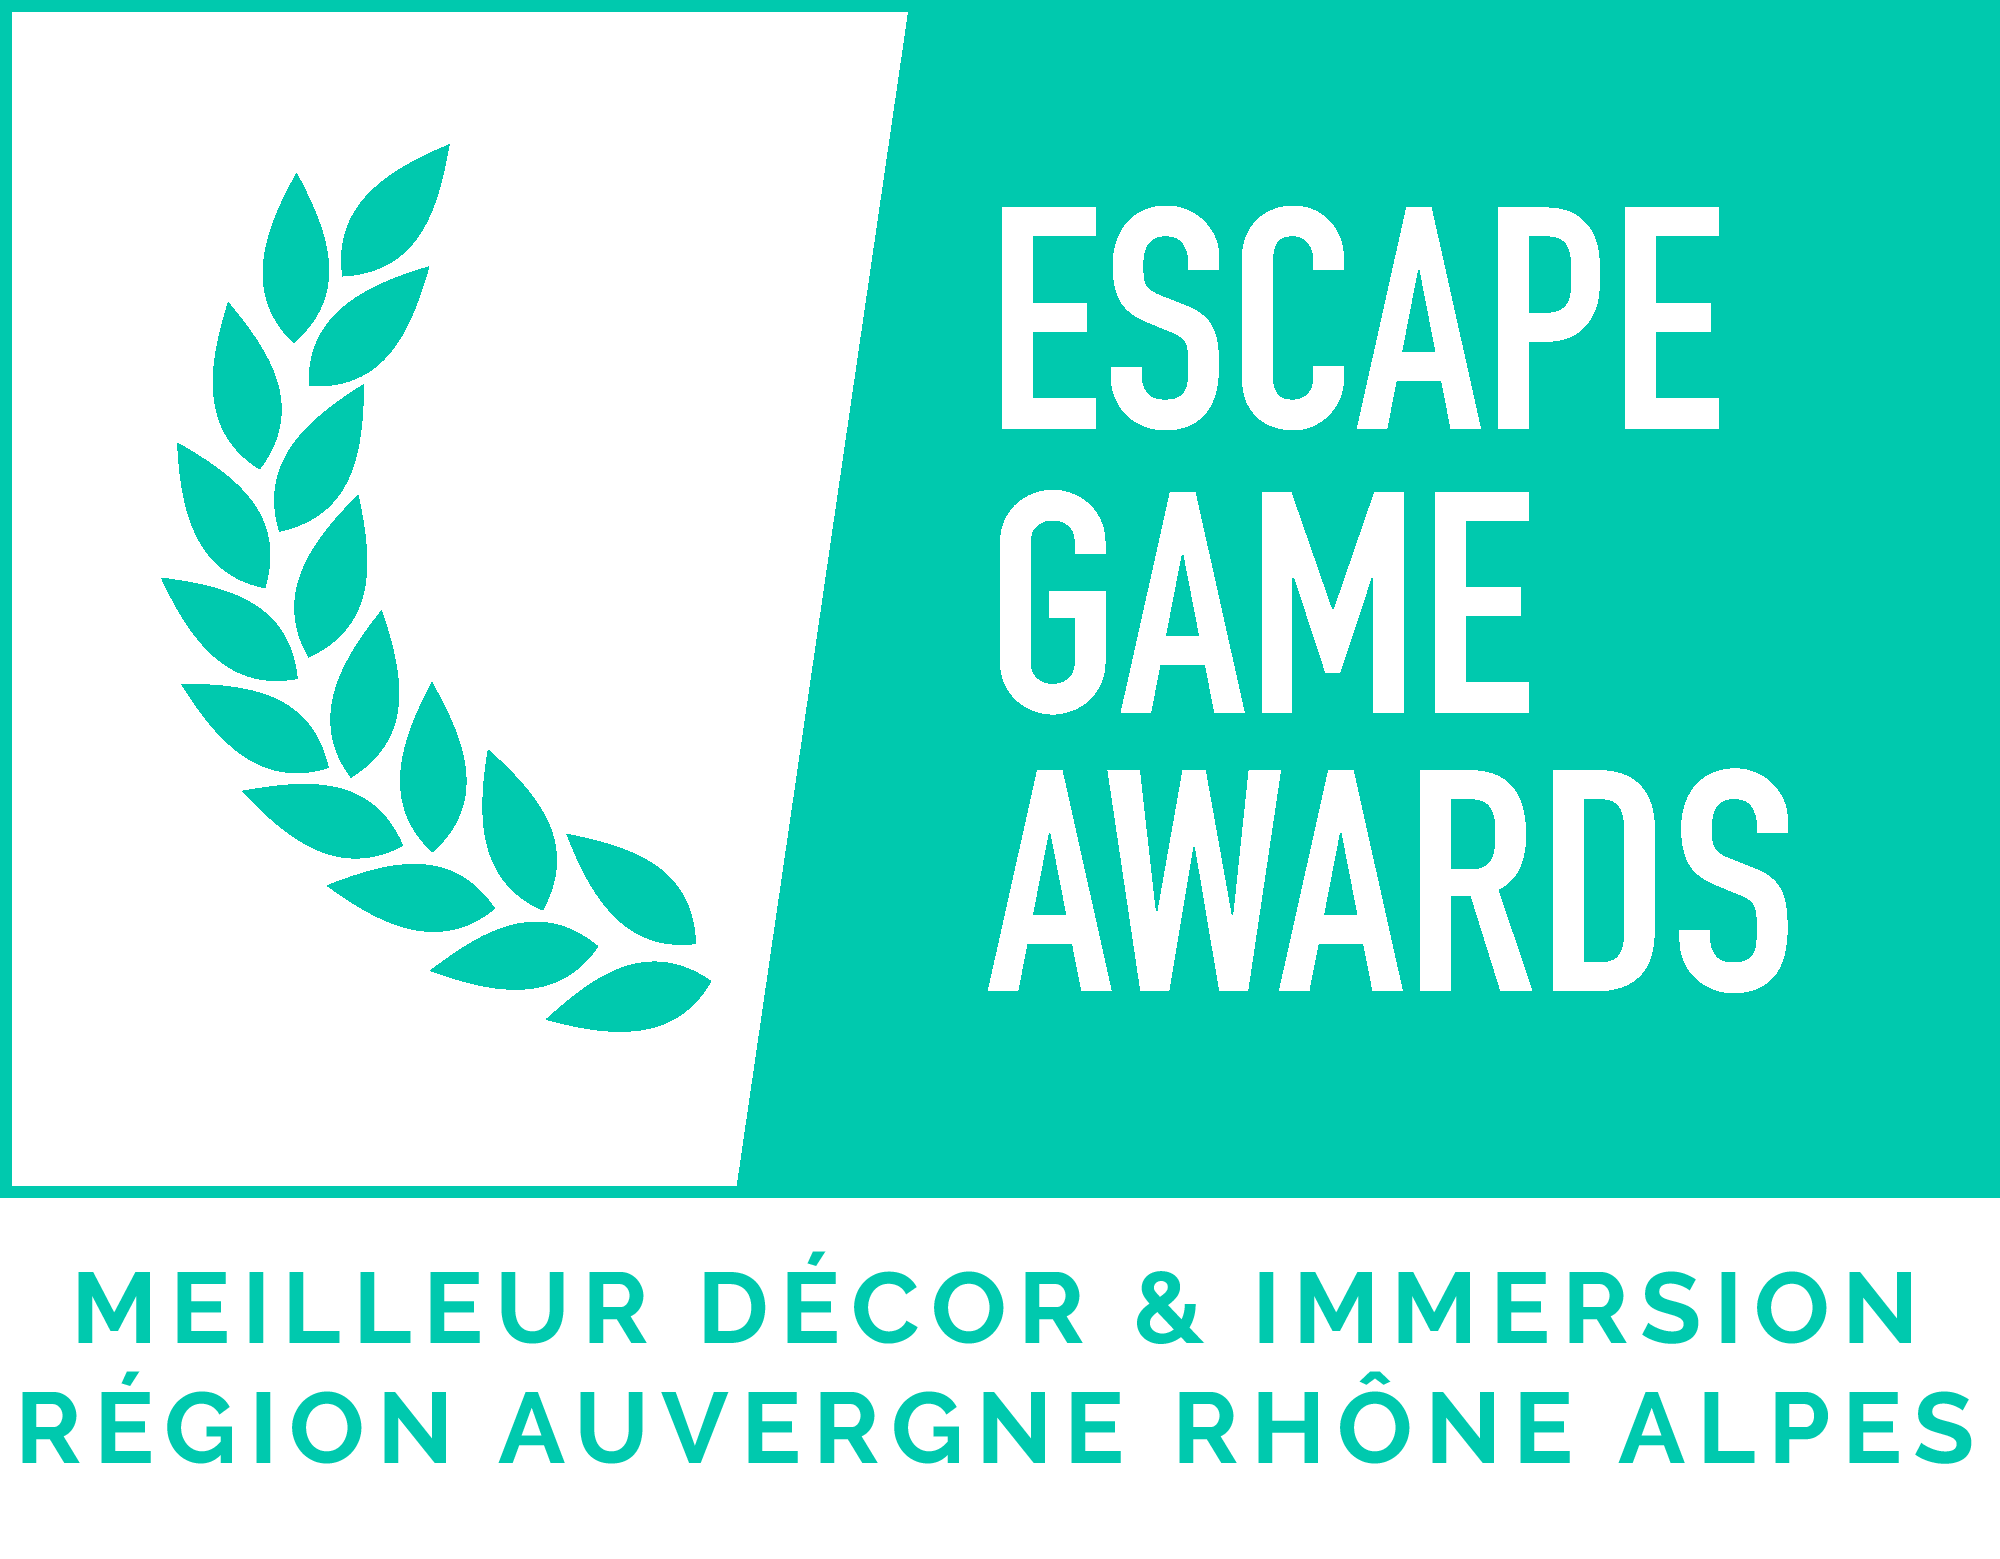 L'Agence Wake Up Lyon Live Escape Game a été primée par l'Escape Game Awards: Meilleur décor et immersion de la région Auvergne Rhône-Alpes.